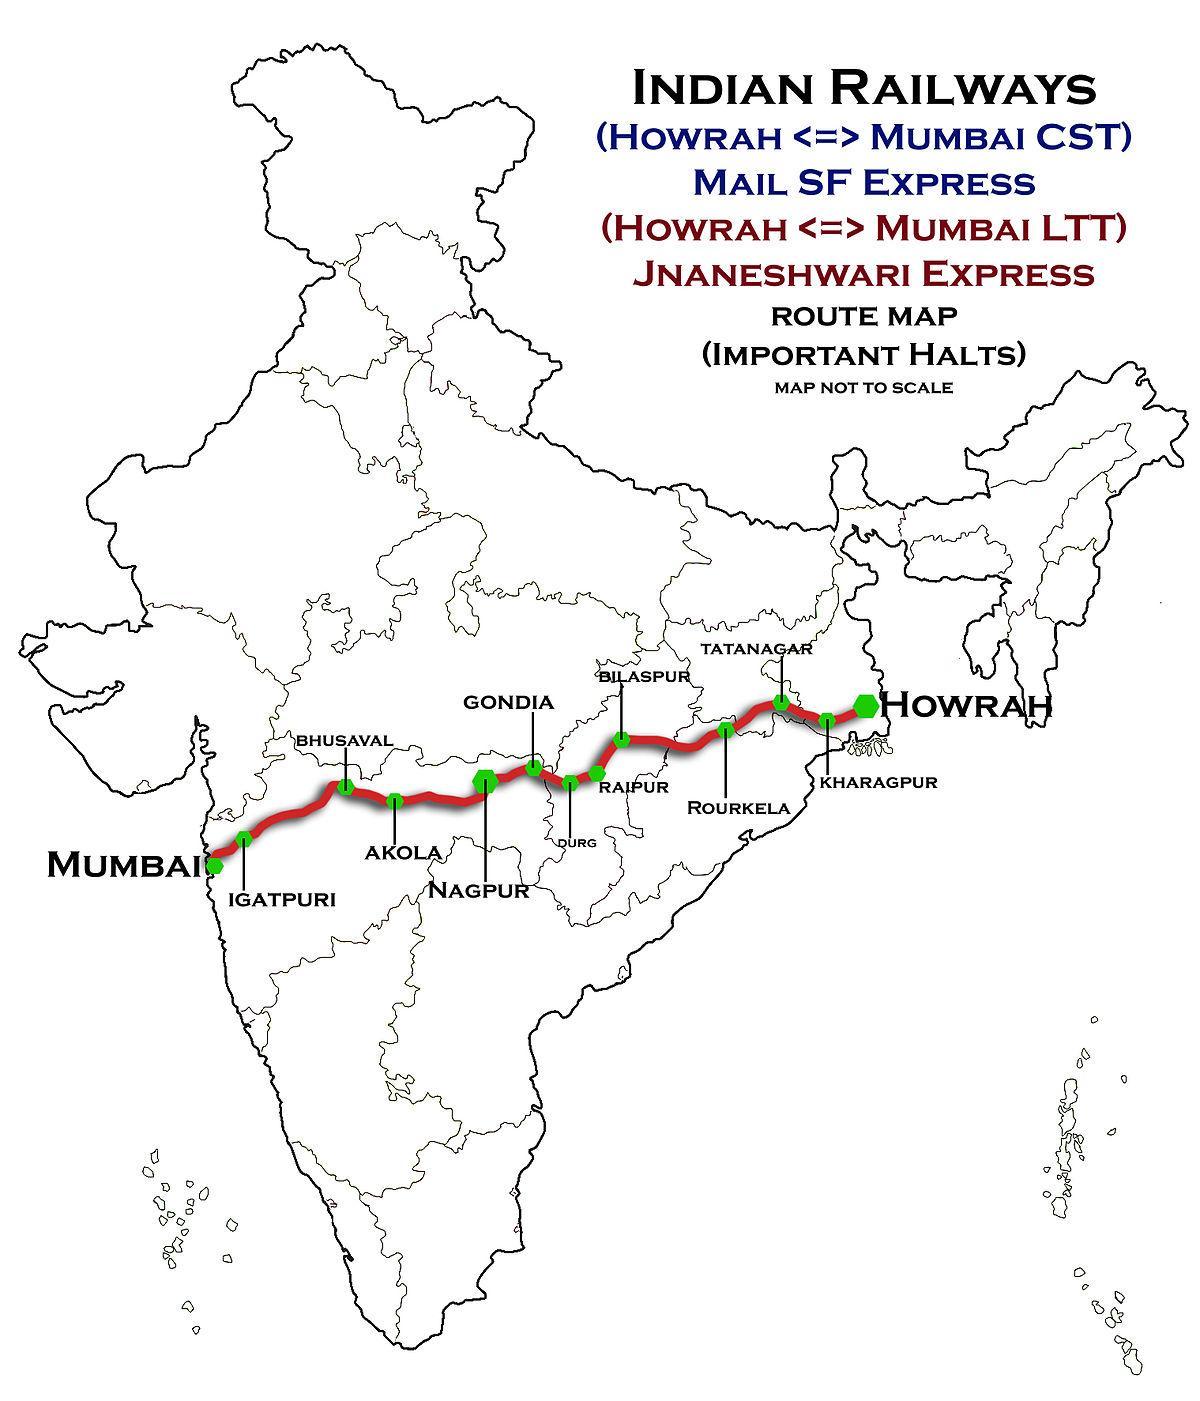 Nagpur Mumbai new highway map Nagpur Mumbai express highway map